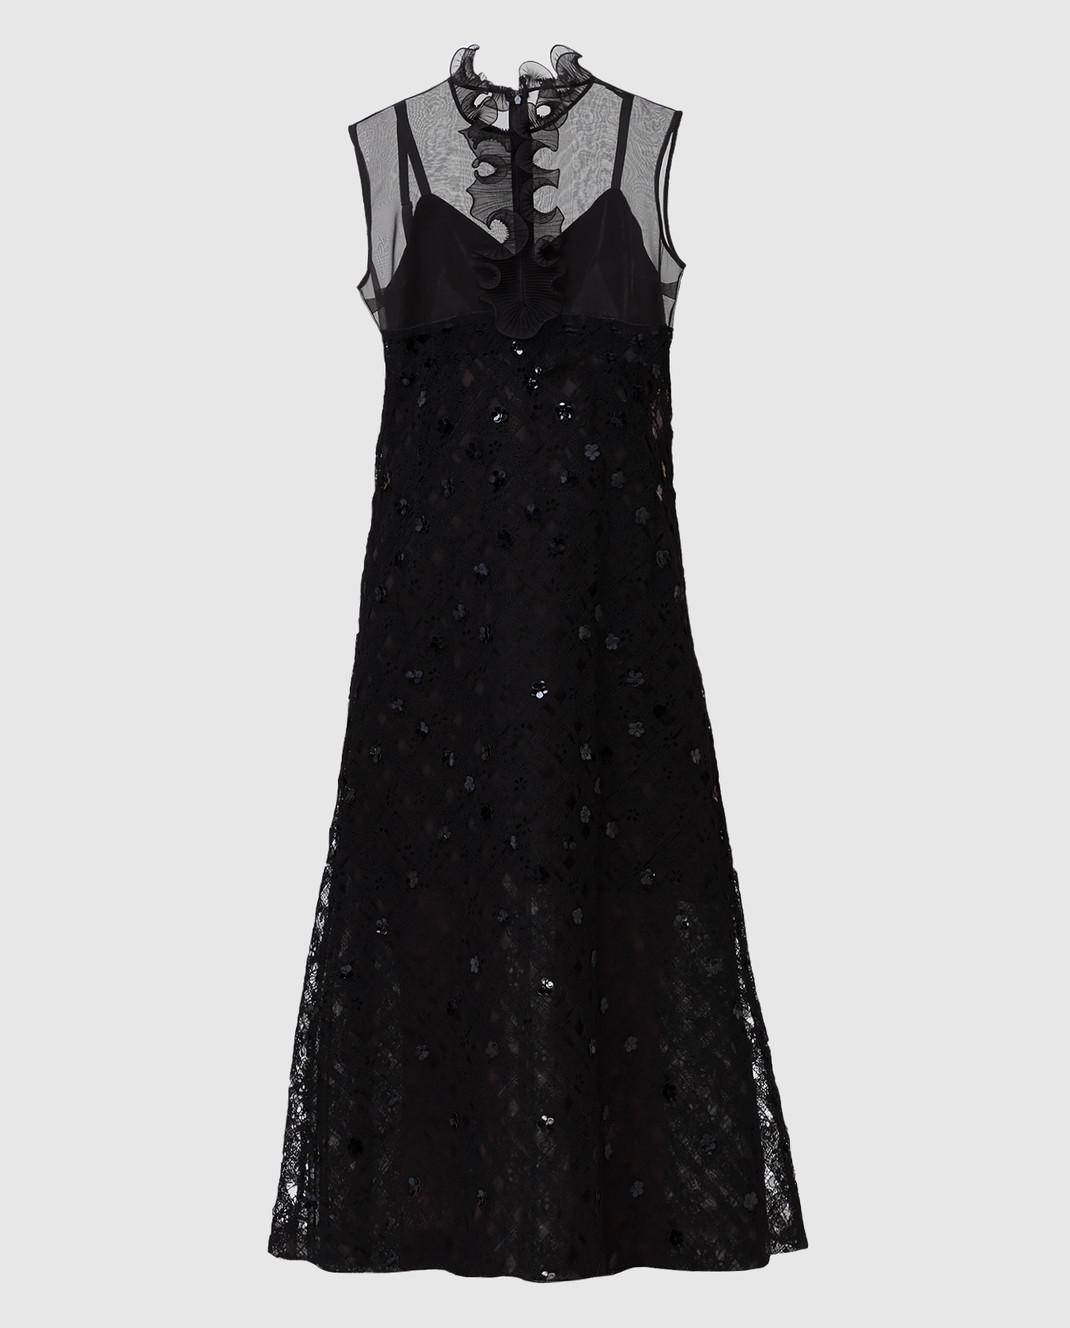 Bottega Veneta Черное платье с пайетками 523986